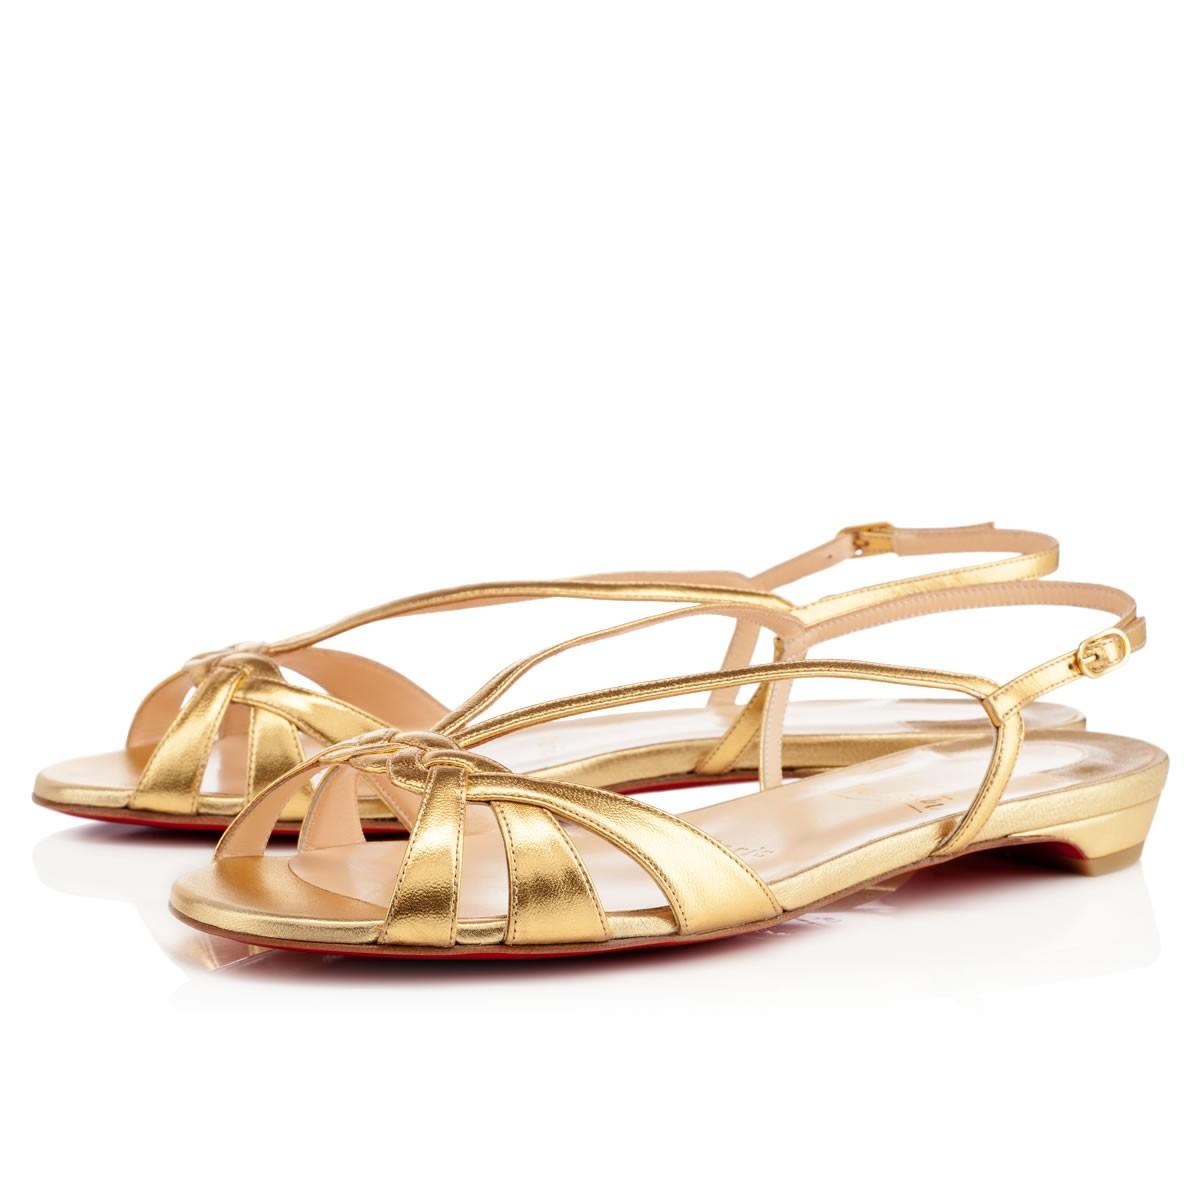 chris louboutin - Peony Design ? christian louboutin sandals flats